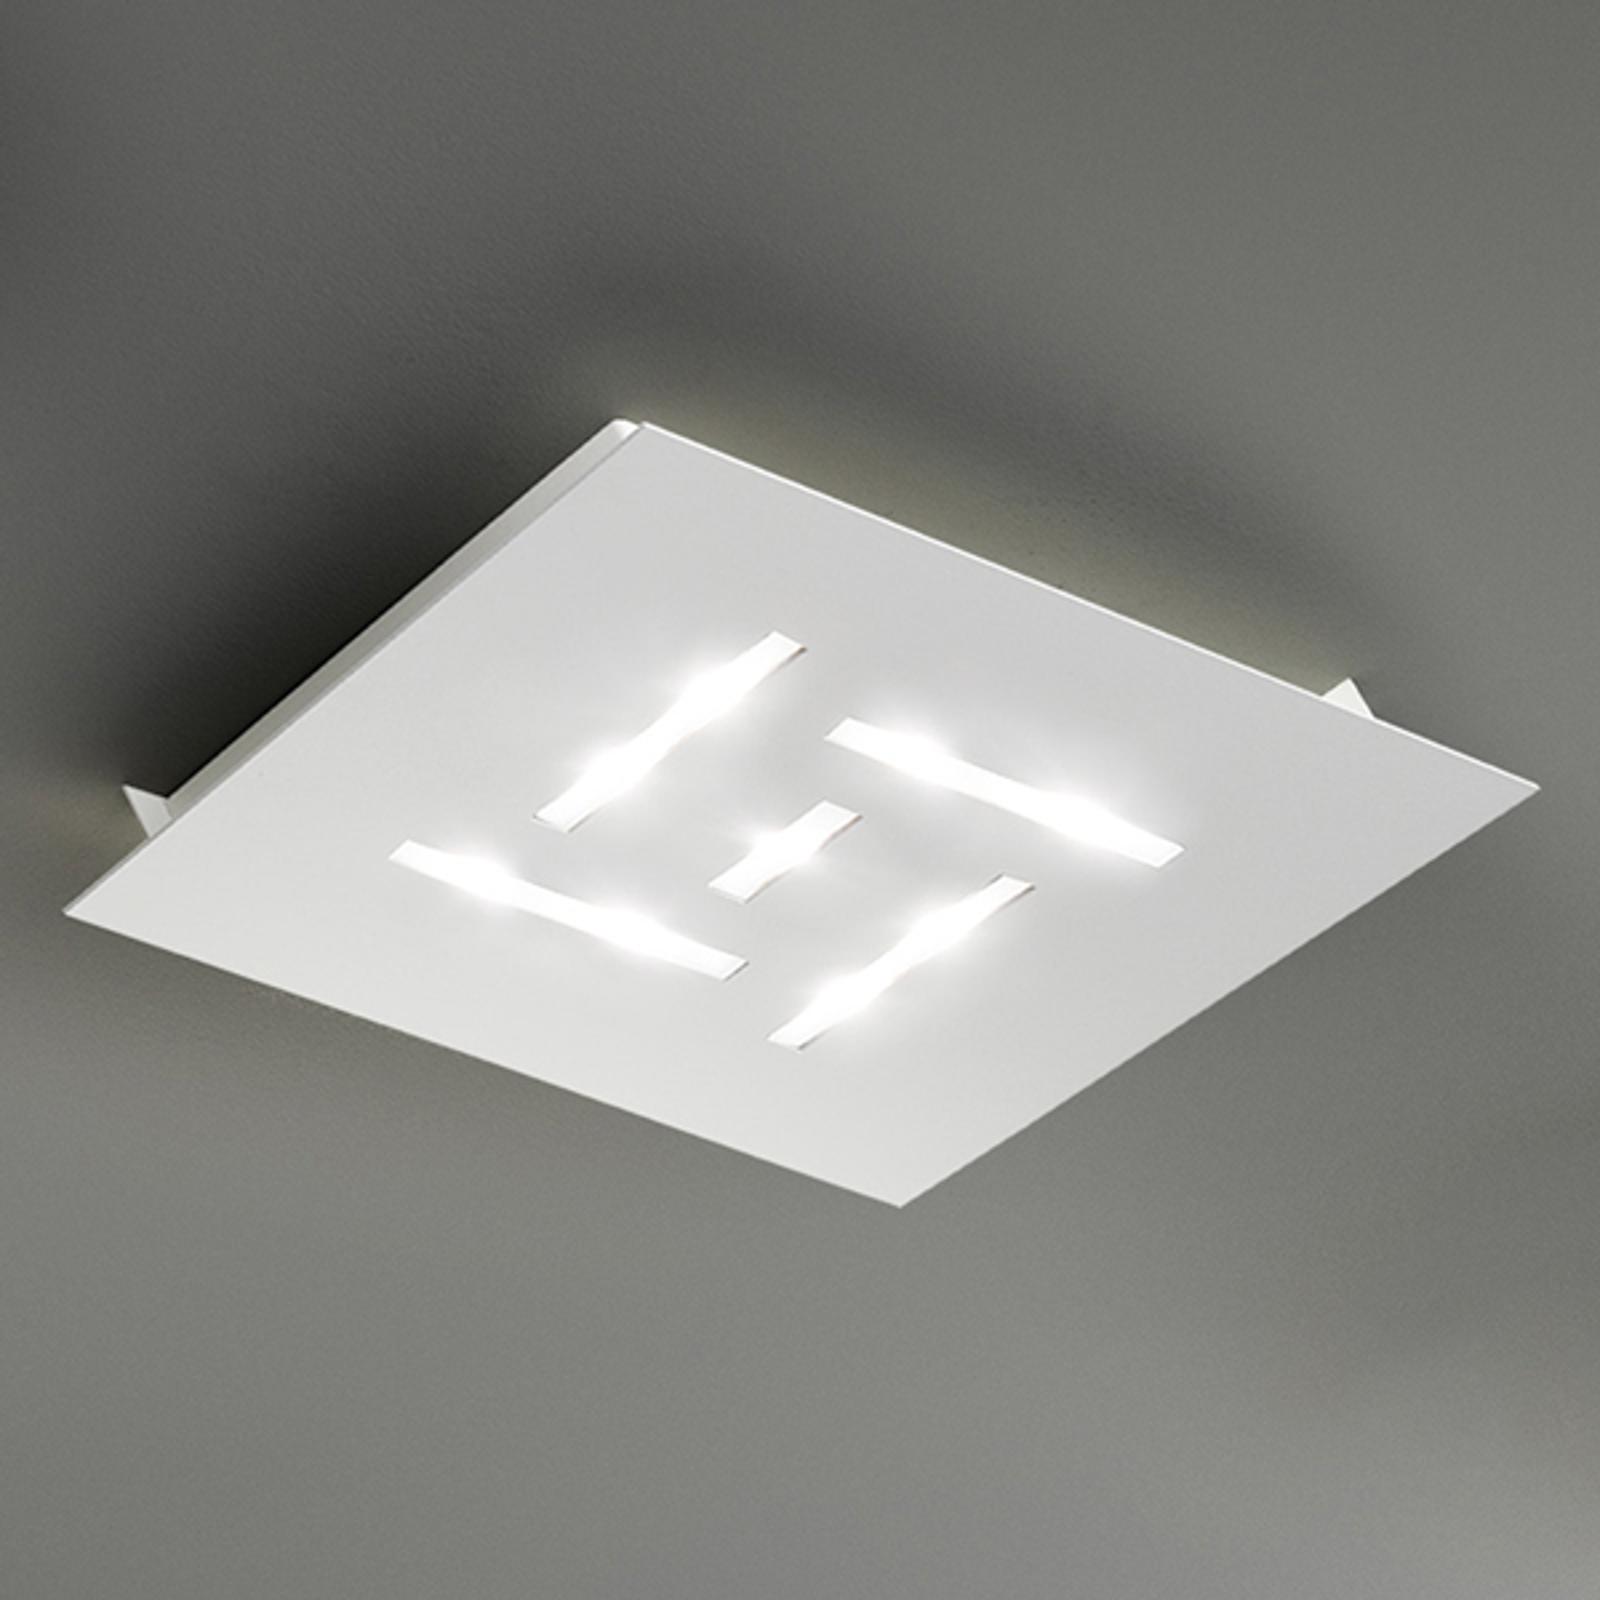 Ultrapłaska lampa sufitowa LED Pattern, biała